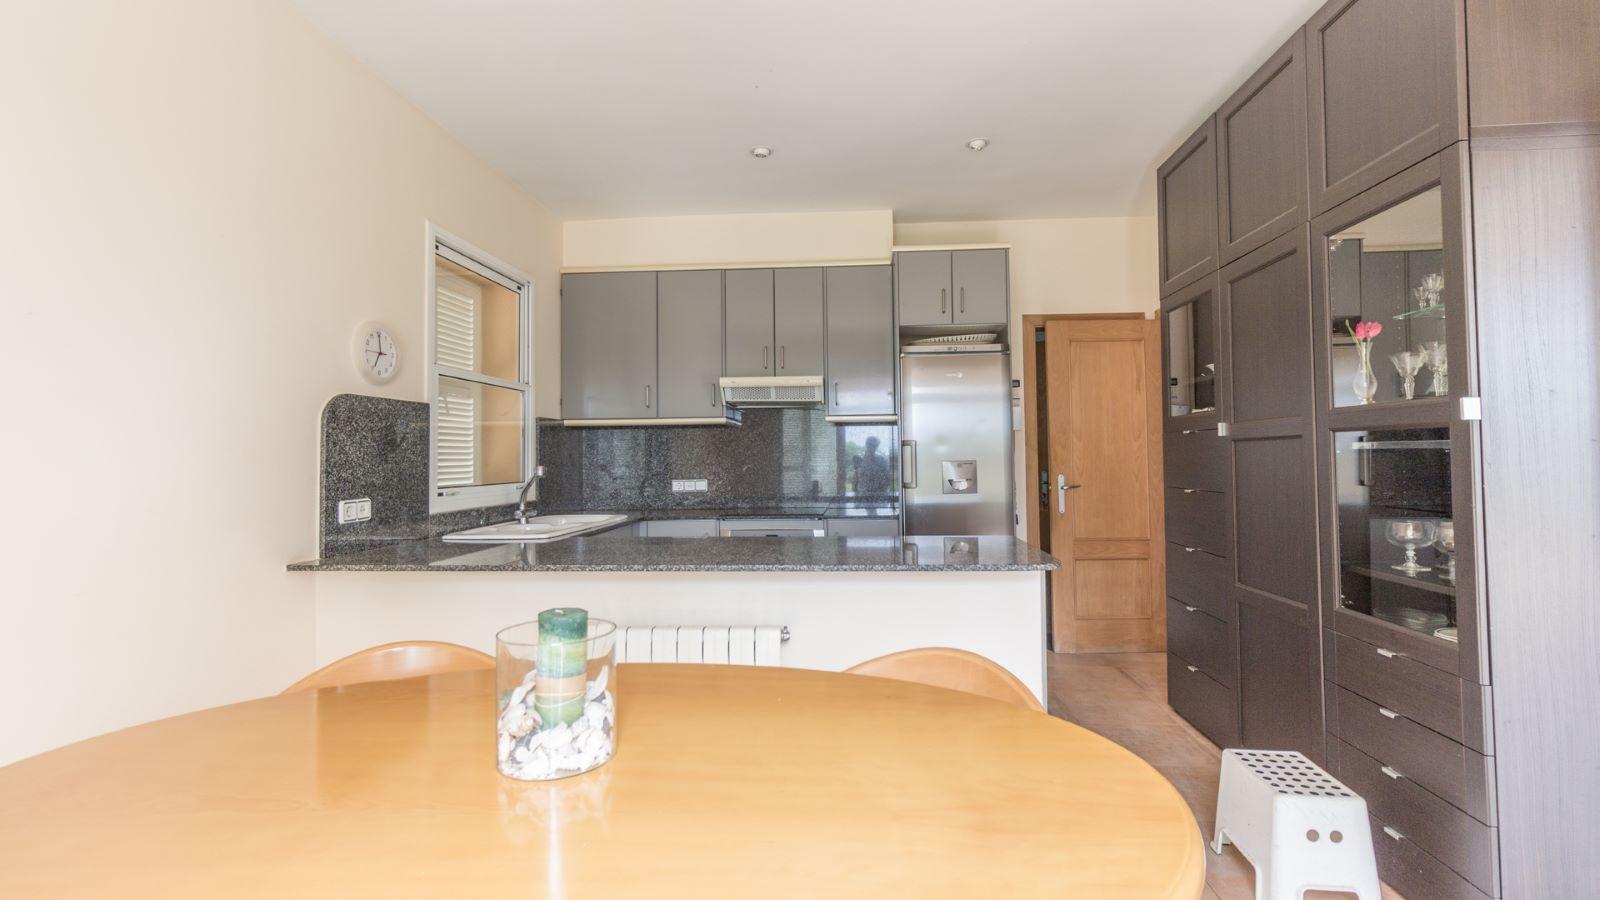 Villa in Binixica Ref: M8315 6